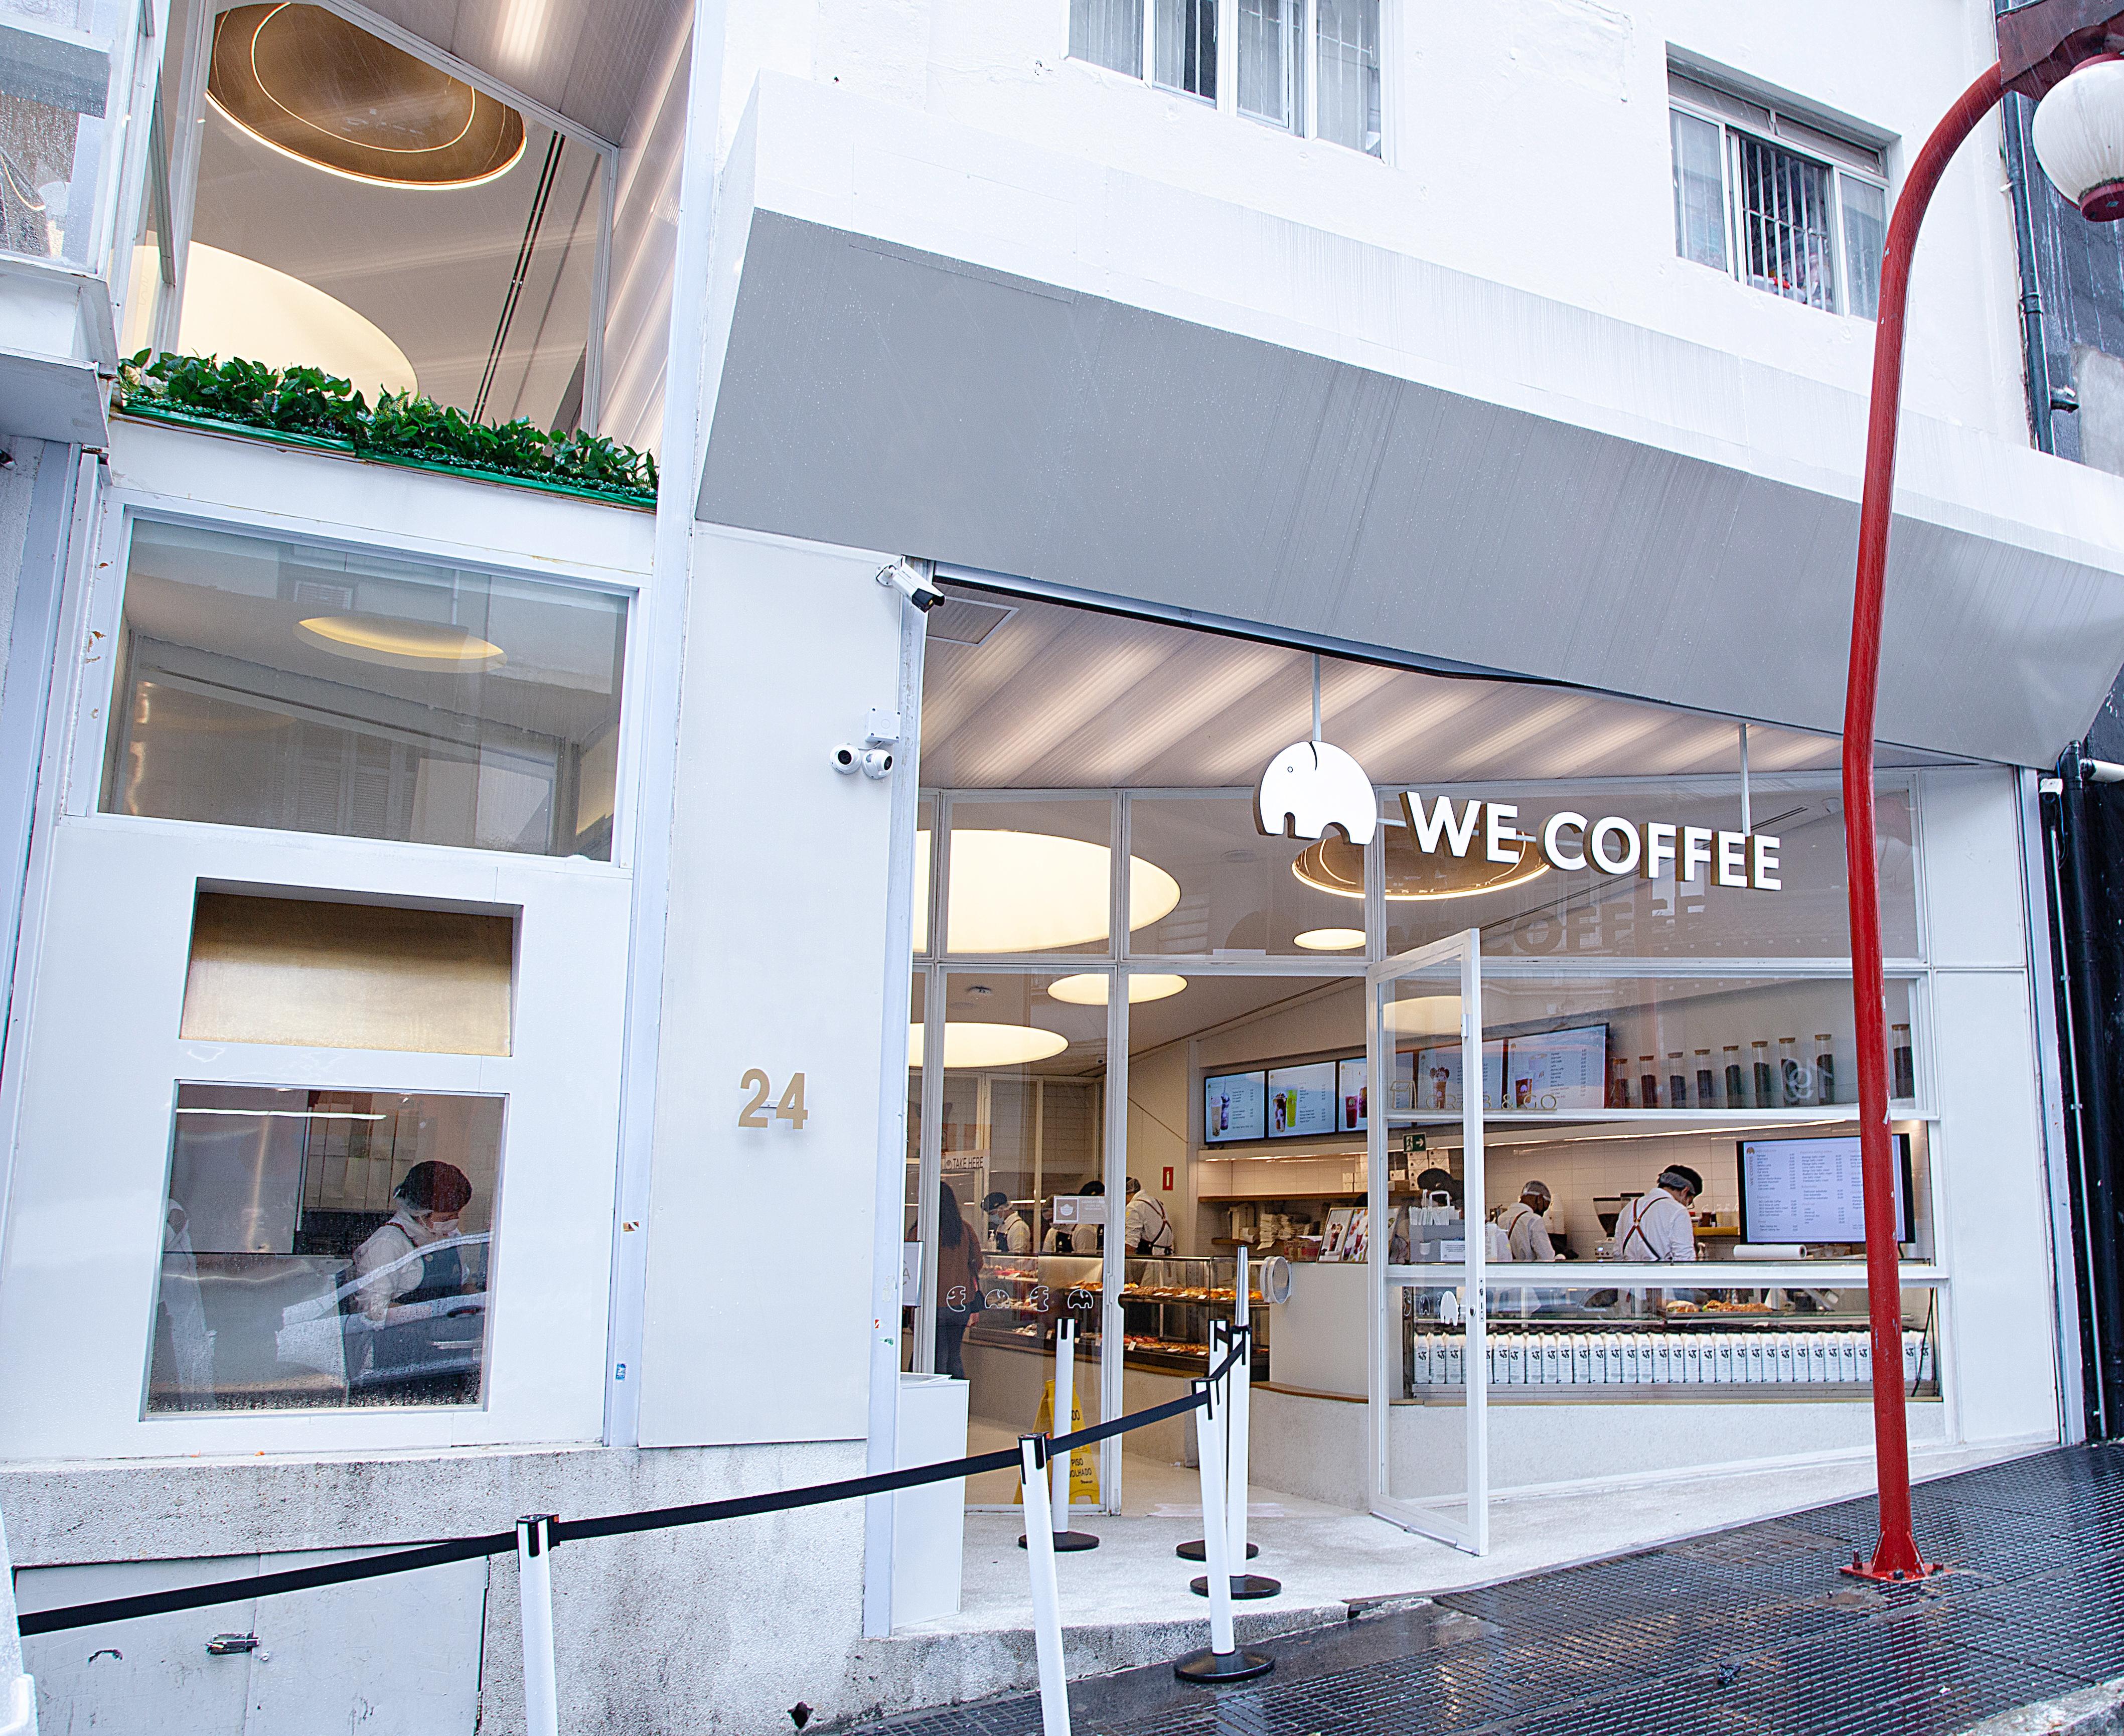 Fachada da cafeteria We Coffee na Rua dos Estudantes.